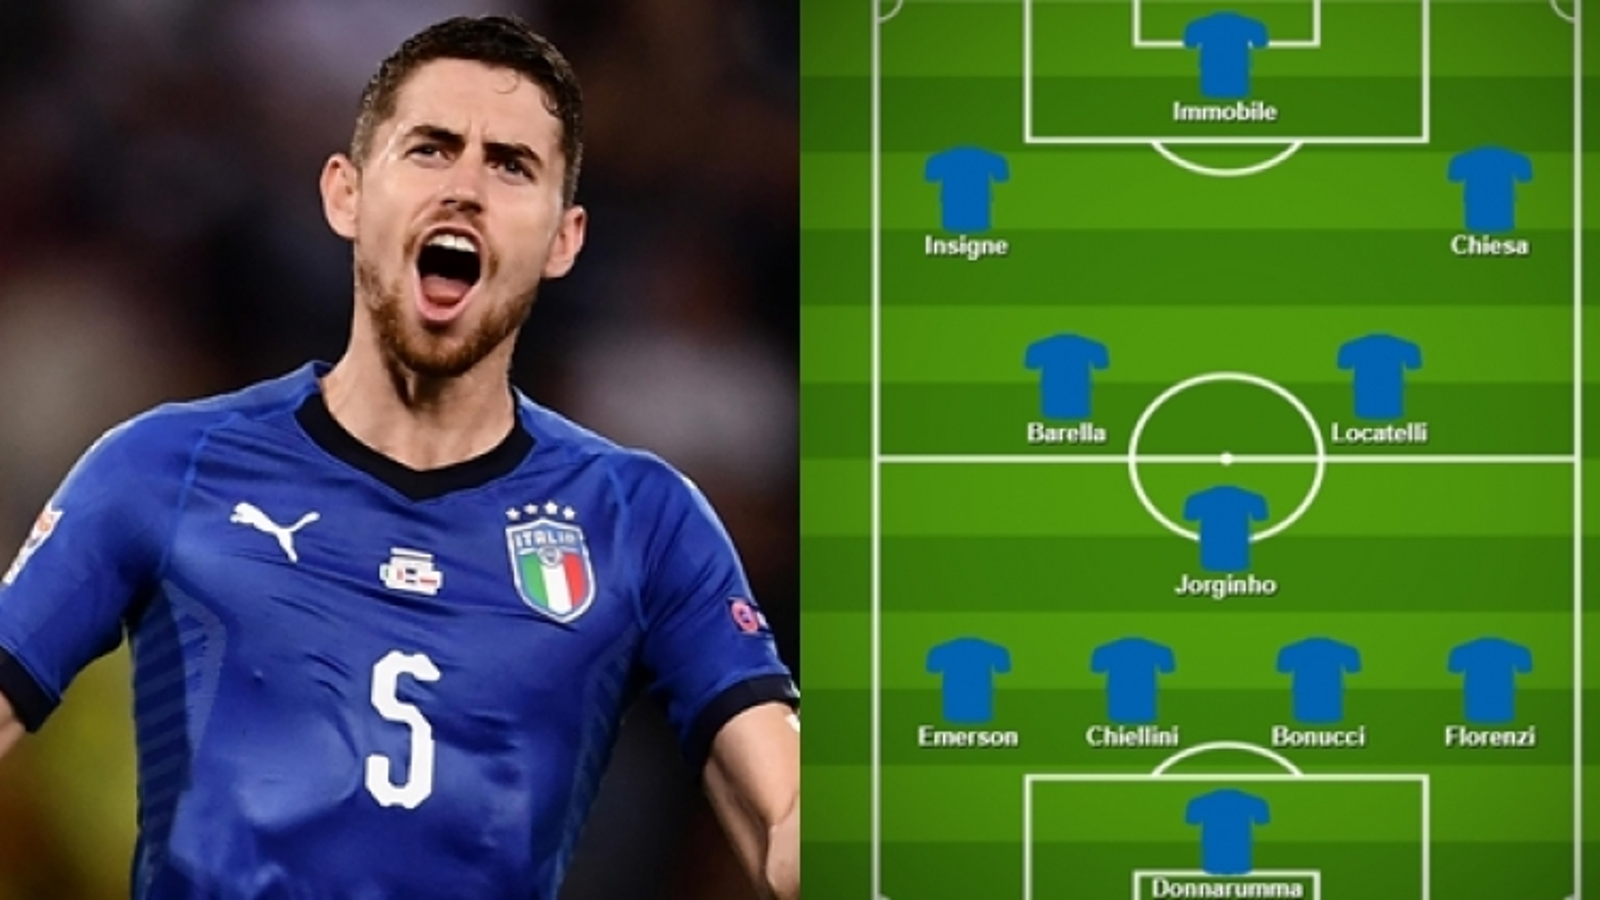 Dự đoán đội hình tối ưu của ĐT Italia ở EURO 2021